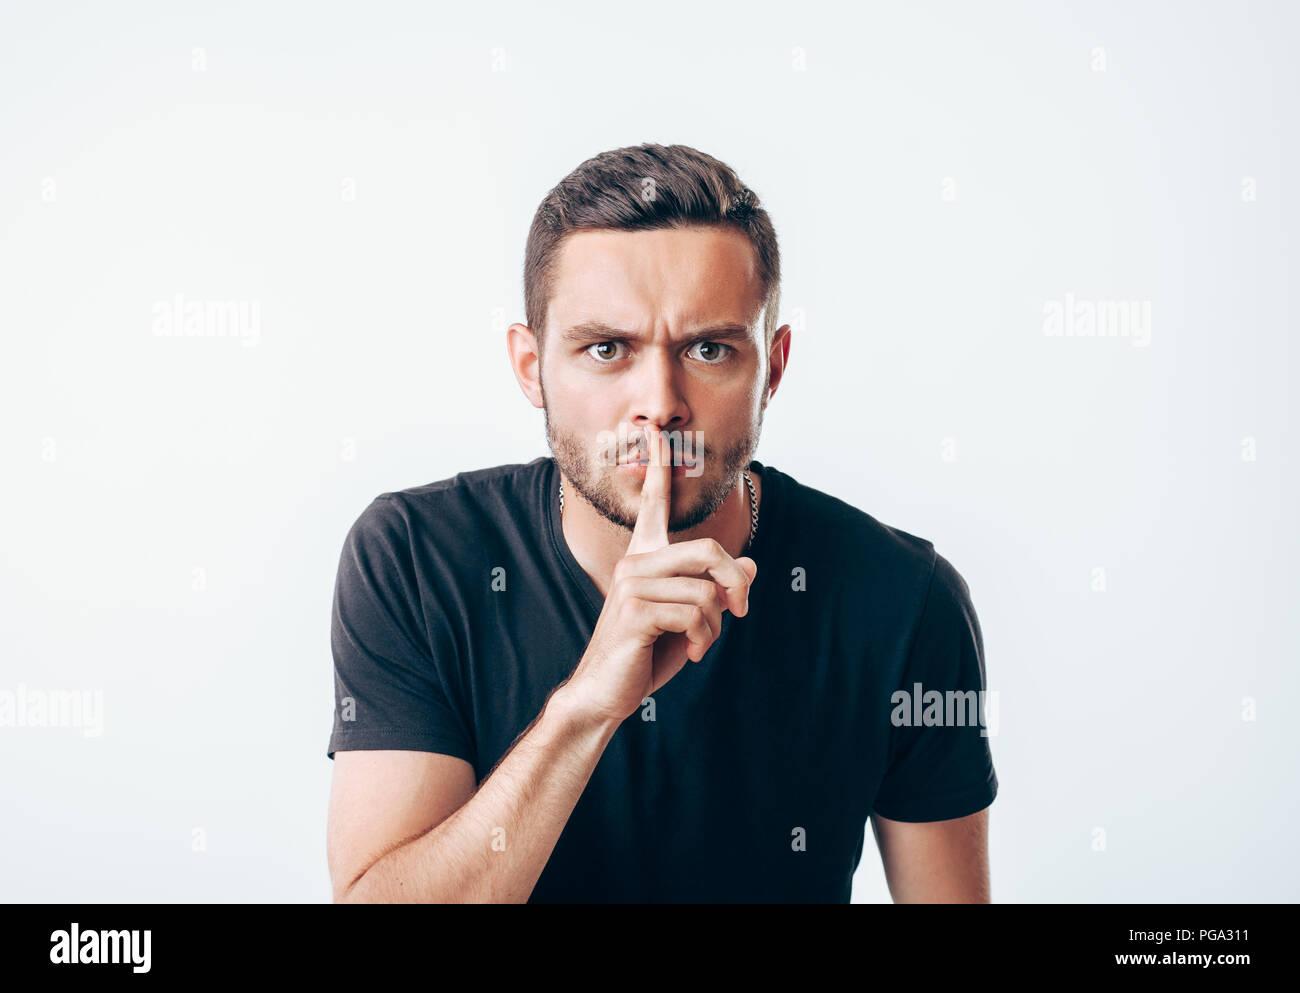 Jeune homme tenant l'index sur les lèvres pour demander le silence. Concept Secret Photo Stock